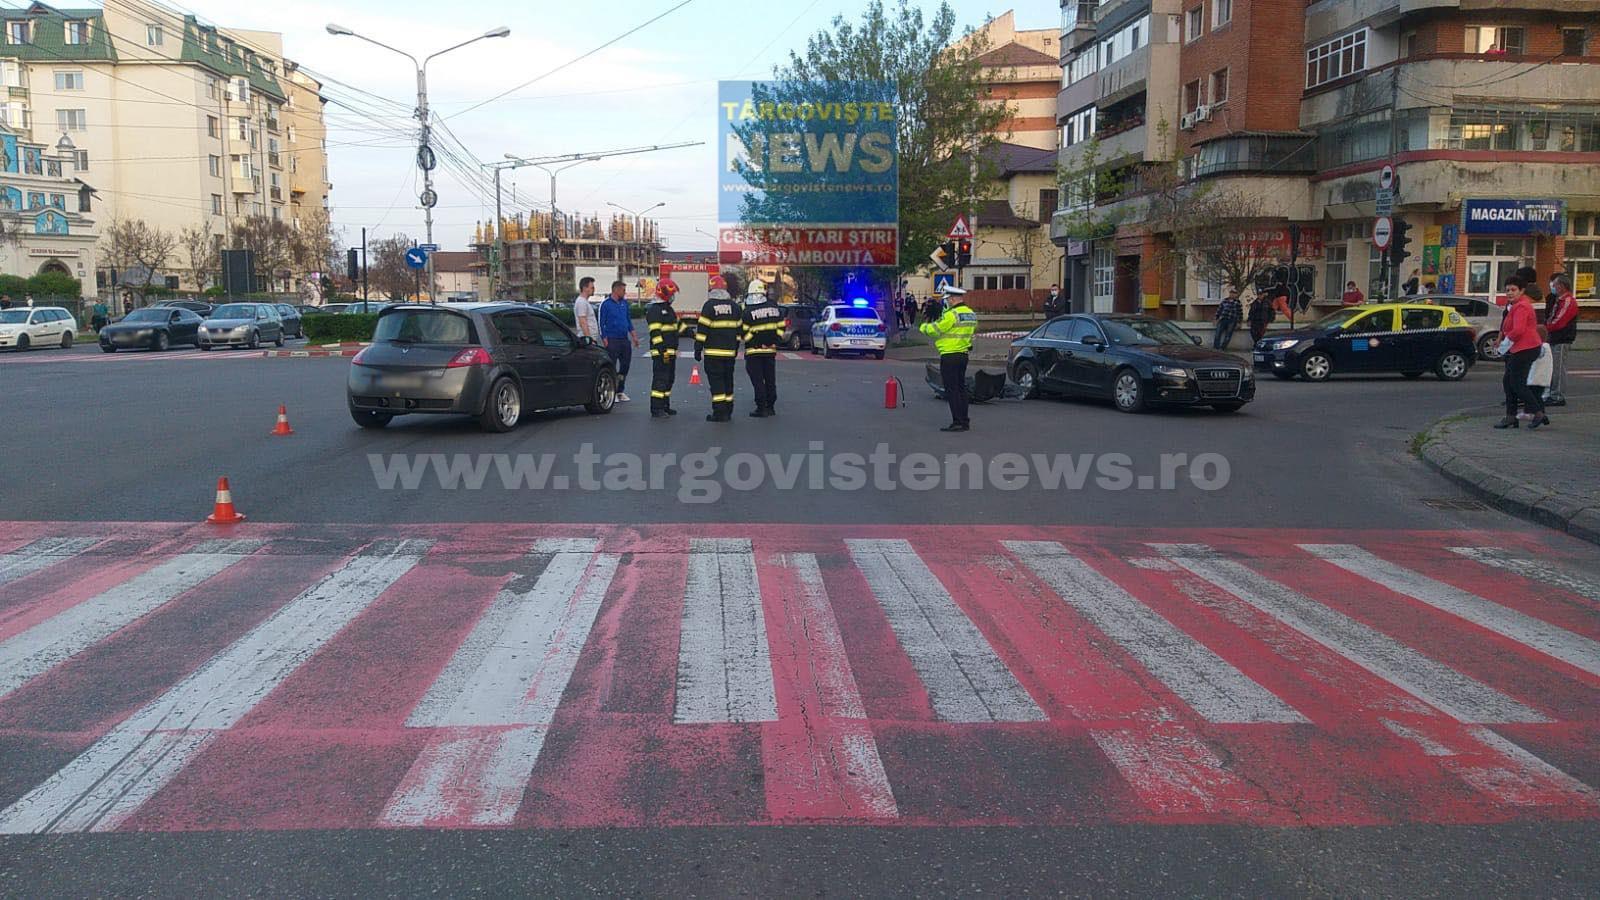 Un copil de un an a fost rănit într-un accident de circulaţie, în intersecţia de la Biserica Sârbilor, în Târgovişte